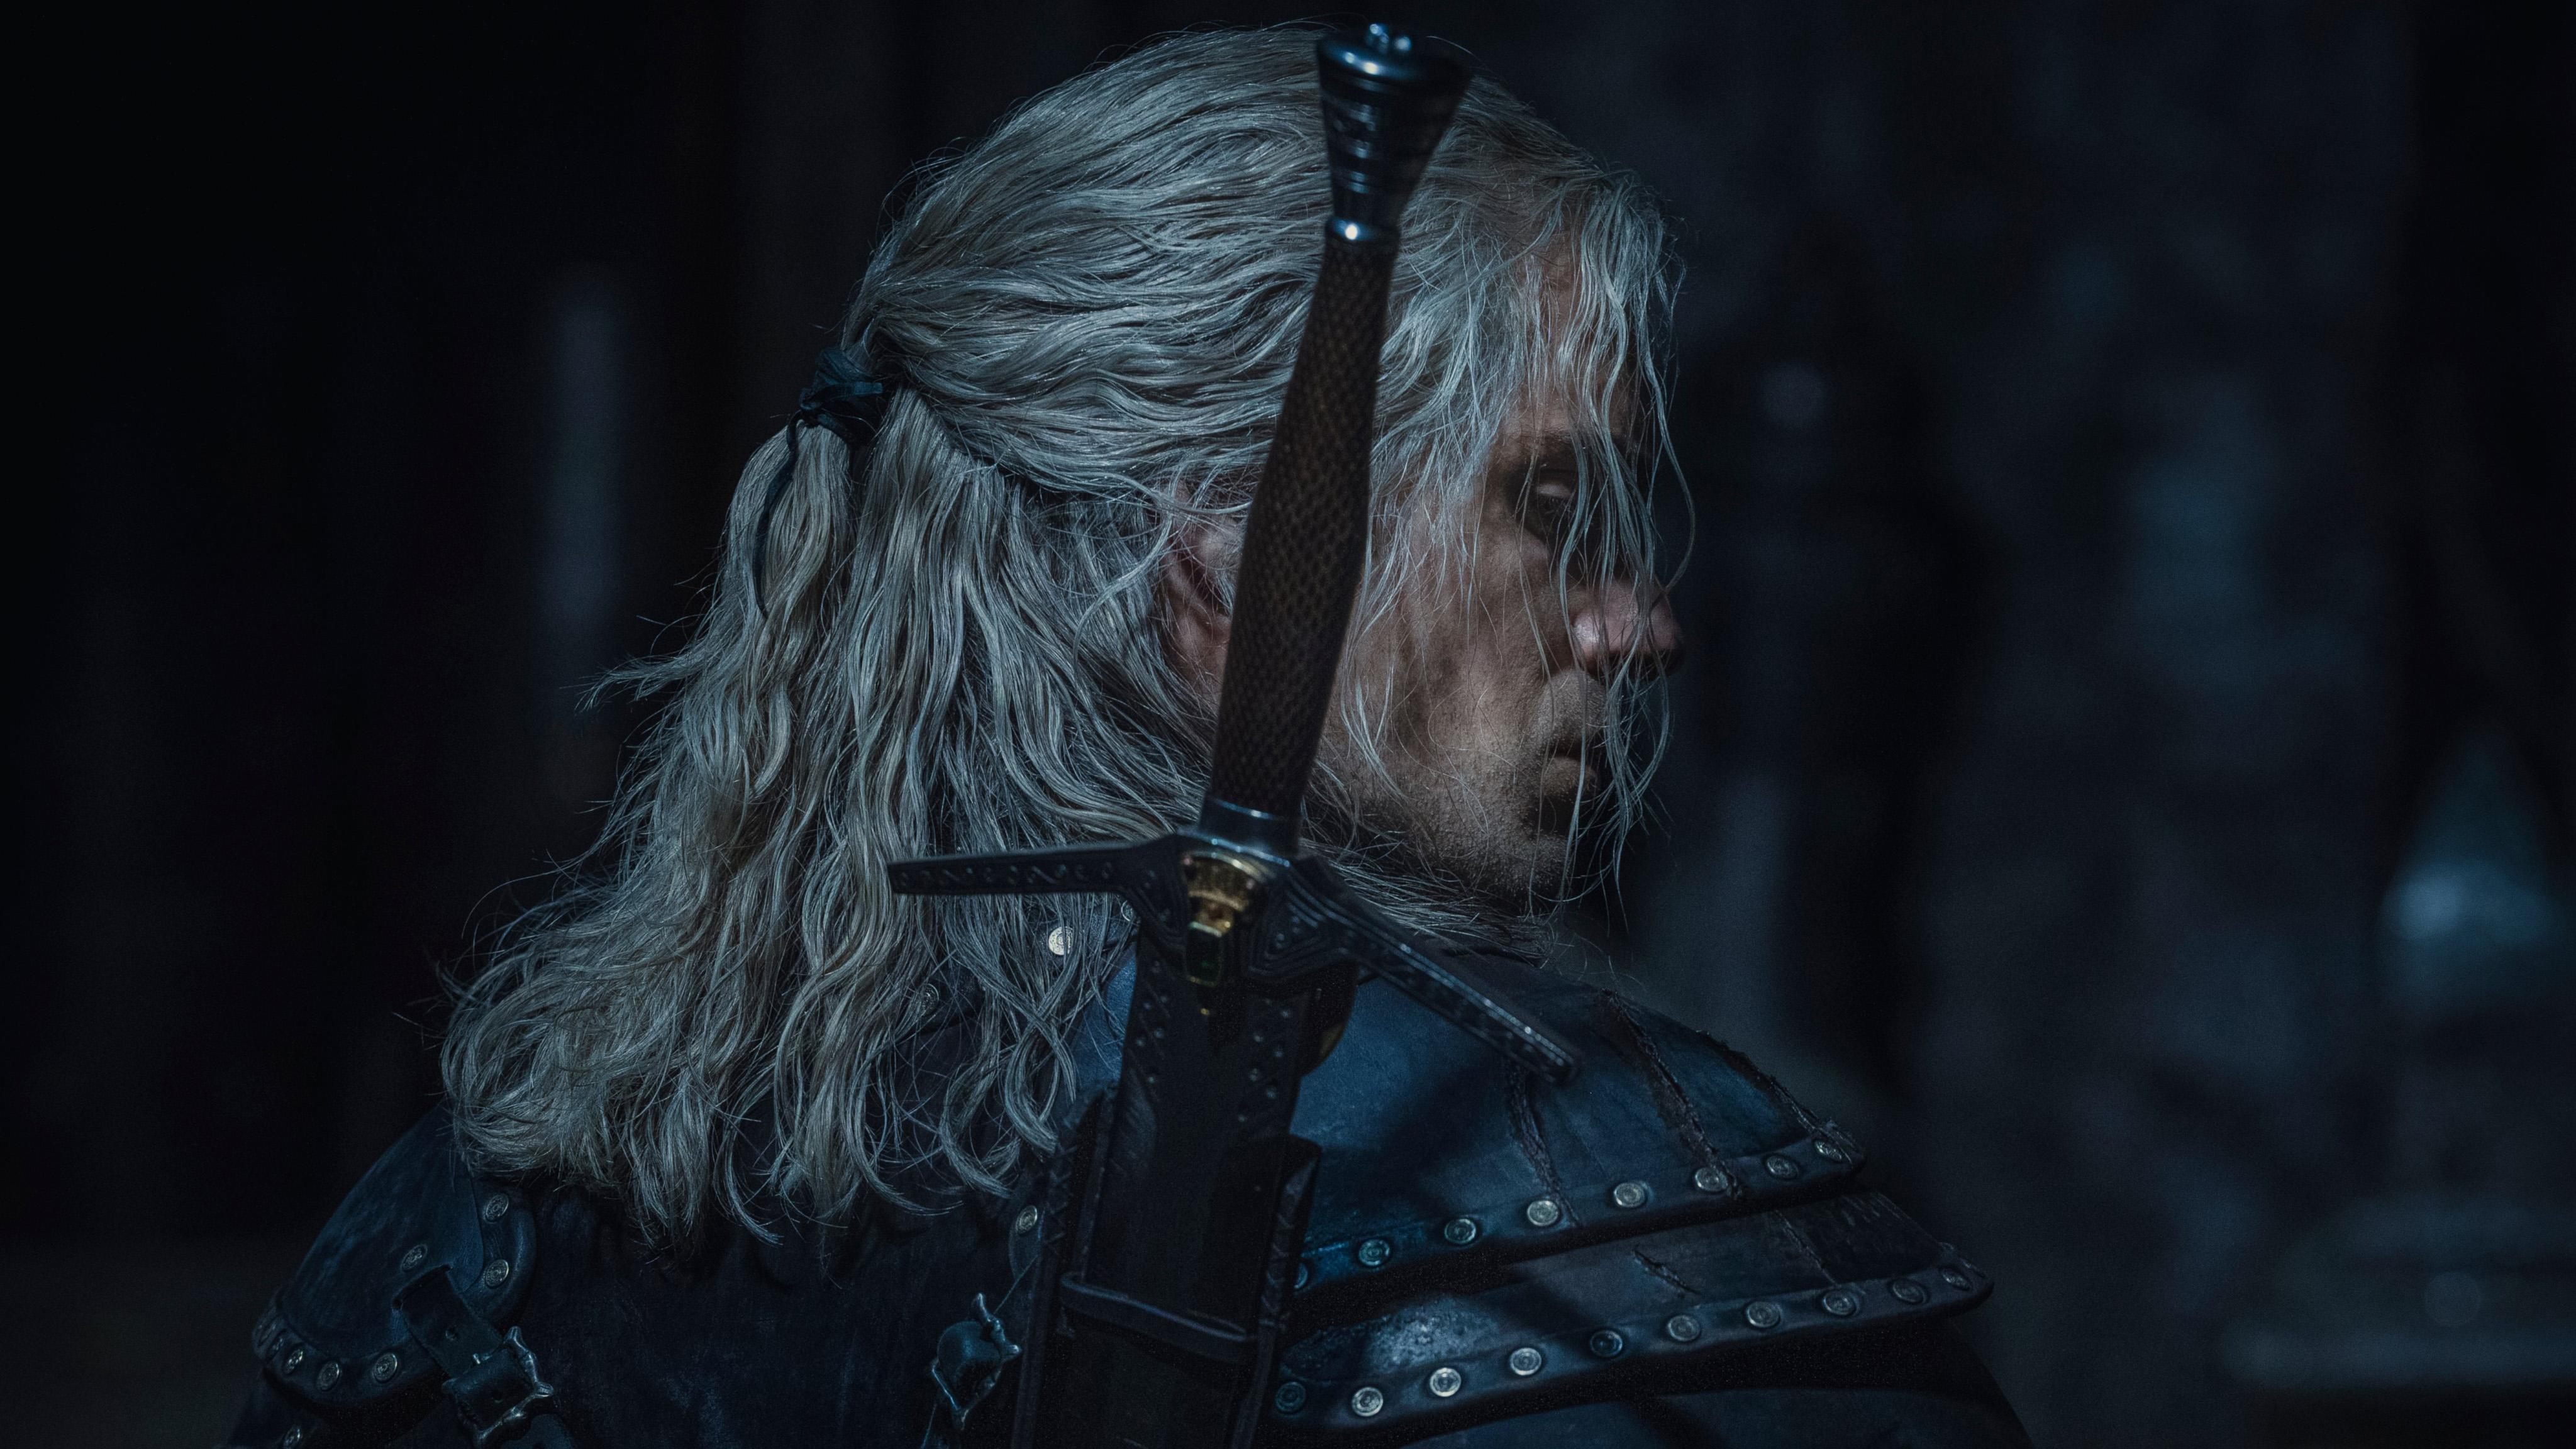 Geralt de Riv (Henry Cavill) - The Witcher